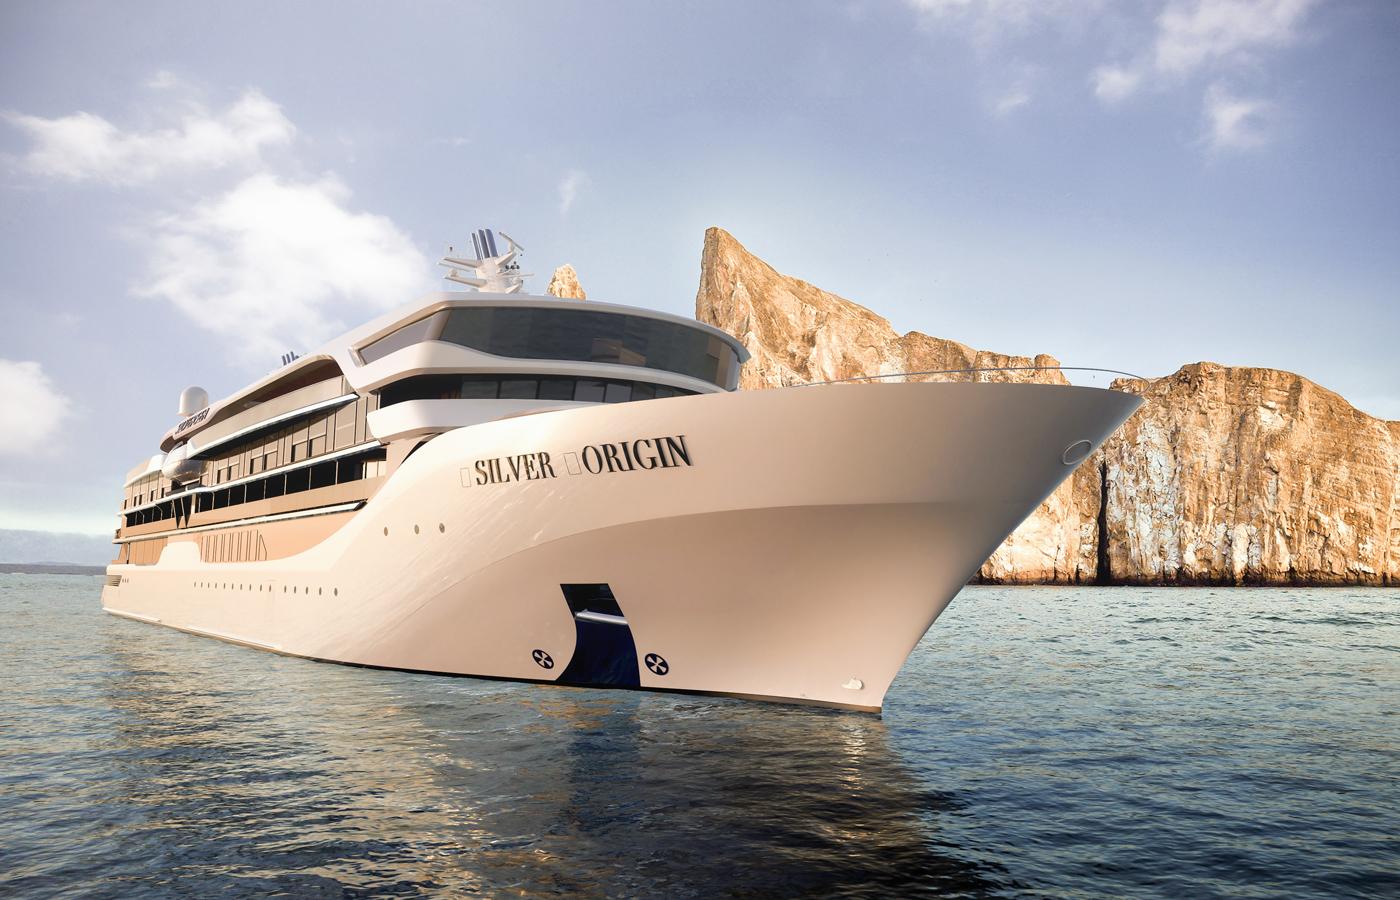 Ship Exterior, Silver Origin, Galapagos